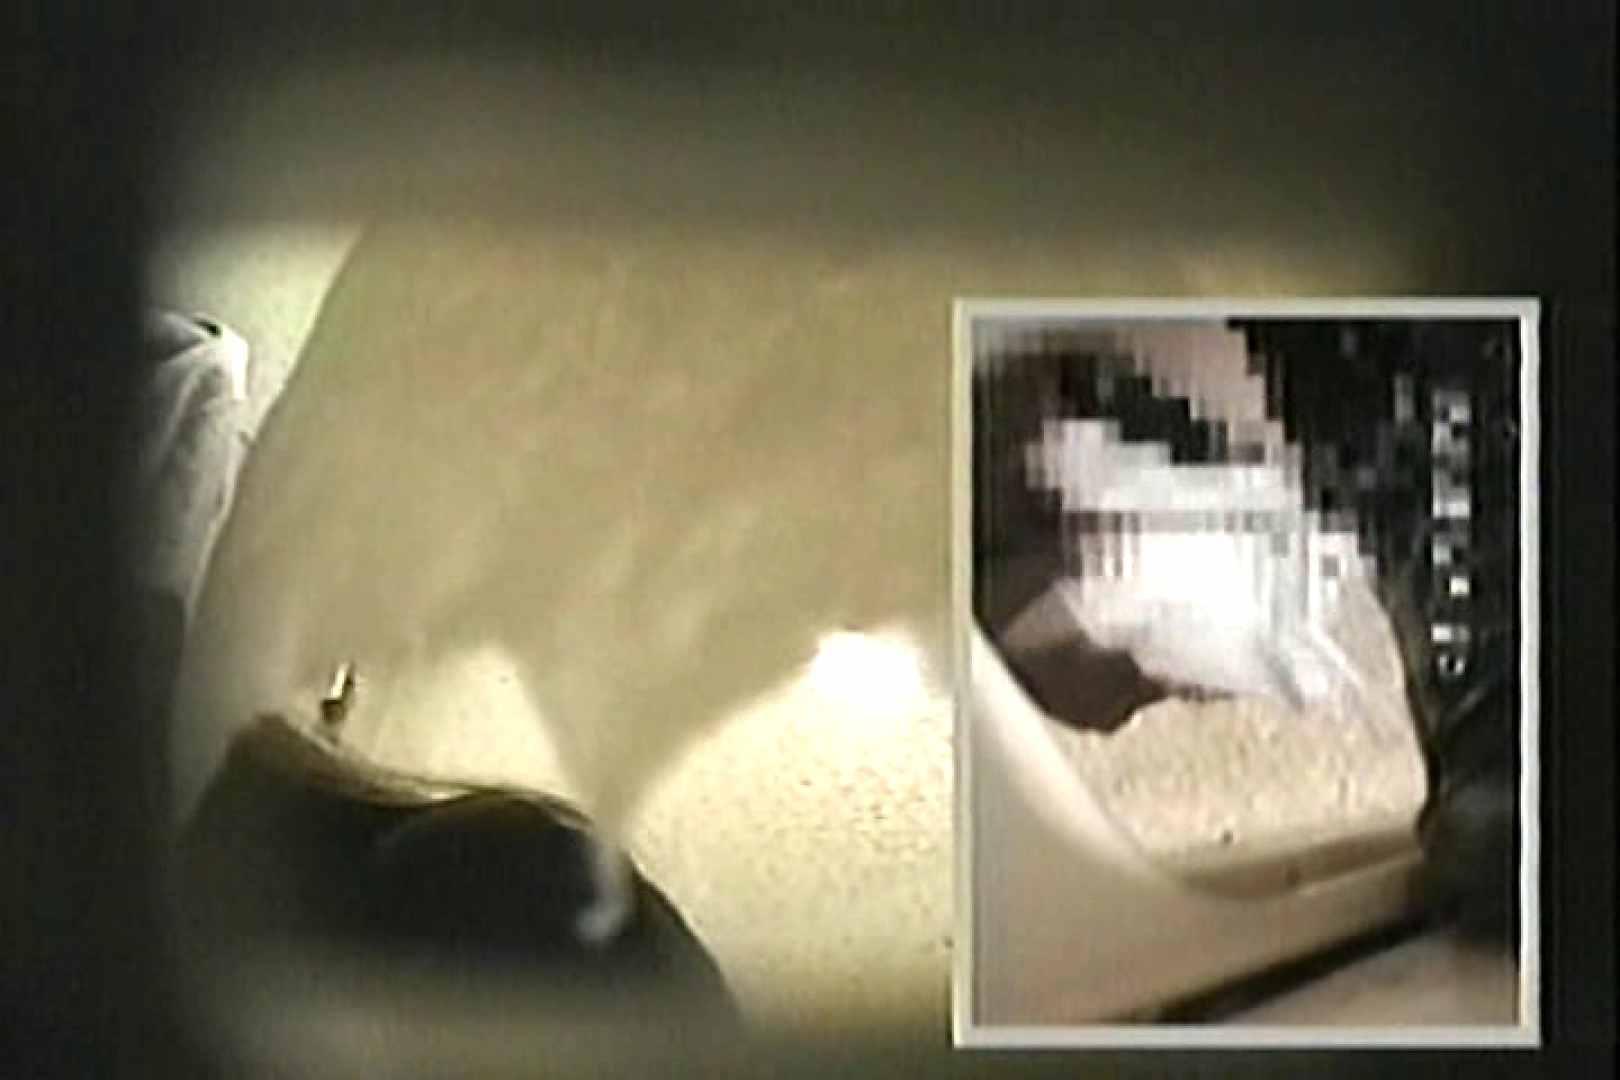 女子洗面所盗撮 今度の2カメは若い子だらけ  TK-127 S級美女ギャル AV無料 91画像 22